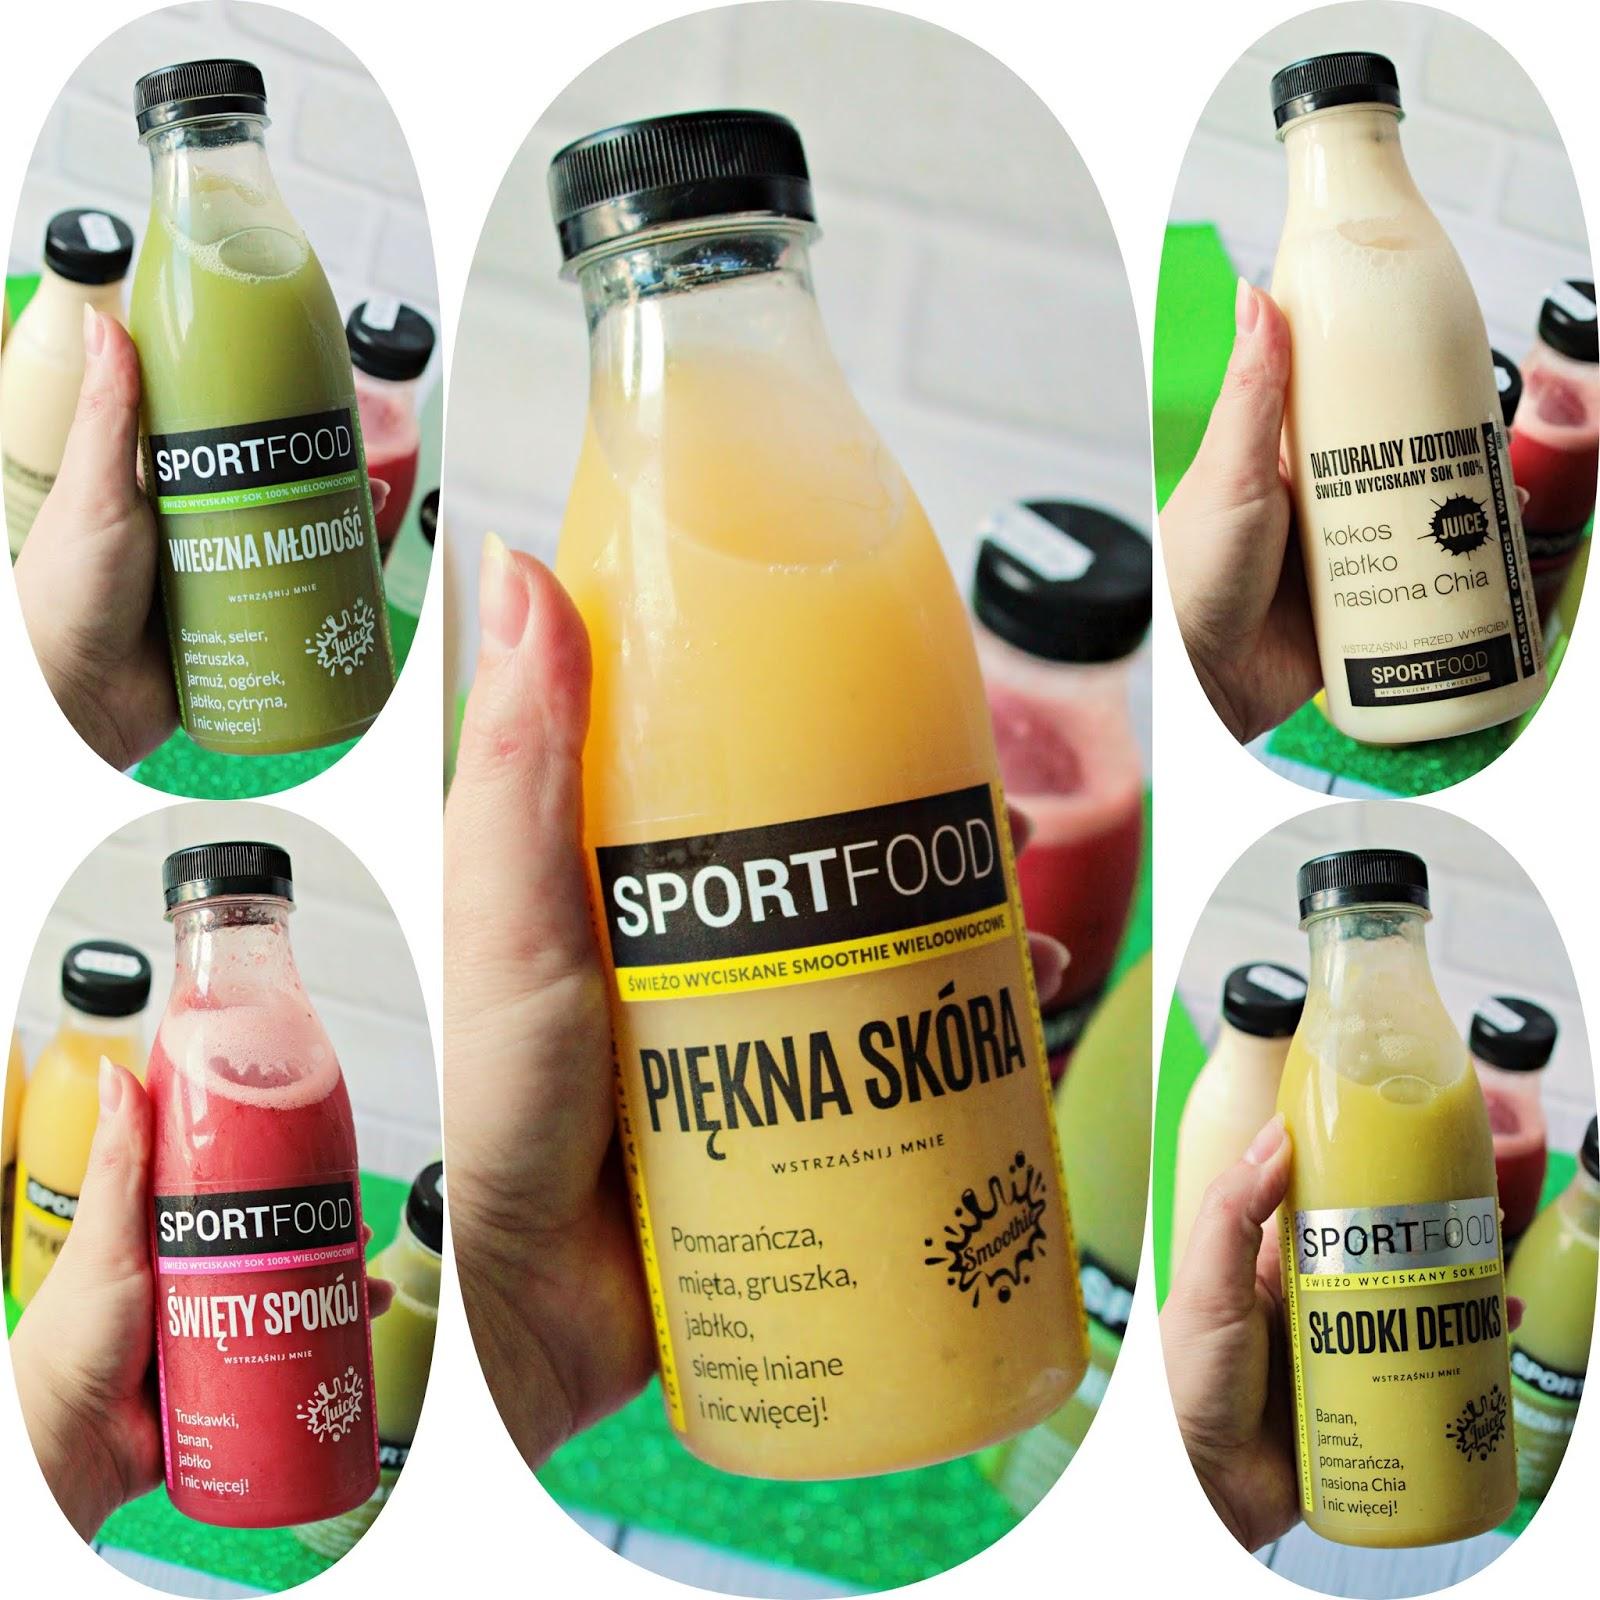 SPORTFOOD Soki - 3-dniowa dieta oczyszczająca